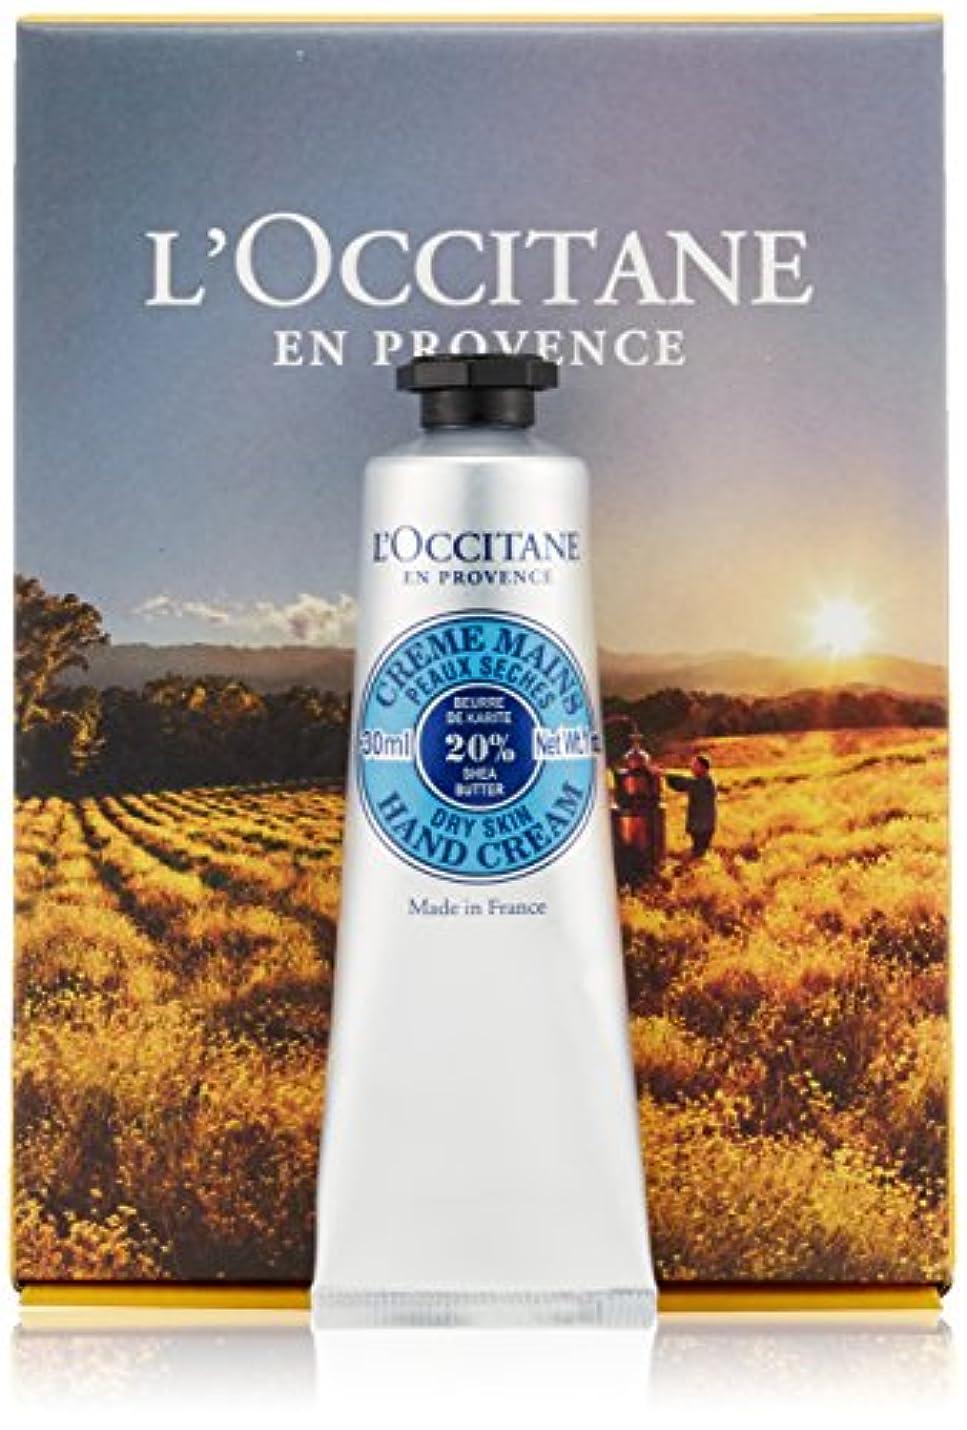 違う吐き出す部分的にロクシタン(L'OCCITANE) シアハンドクリーム 30ml BOX入り